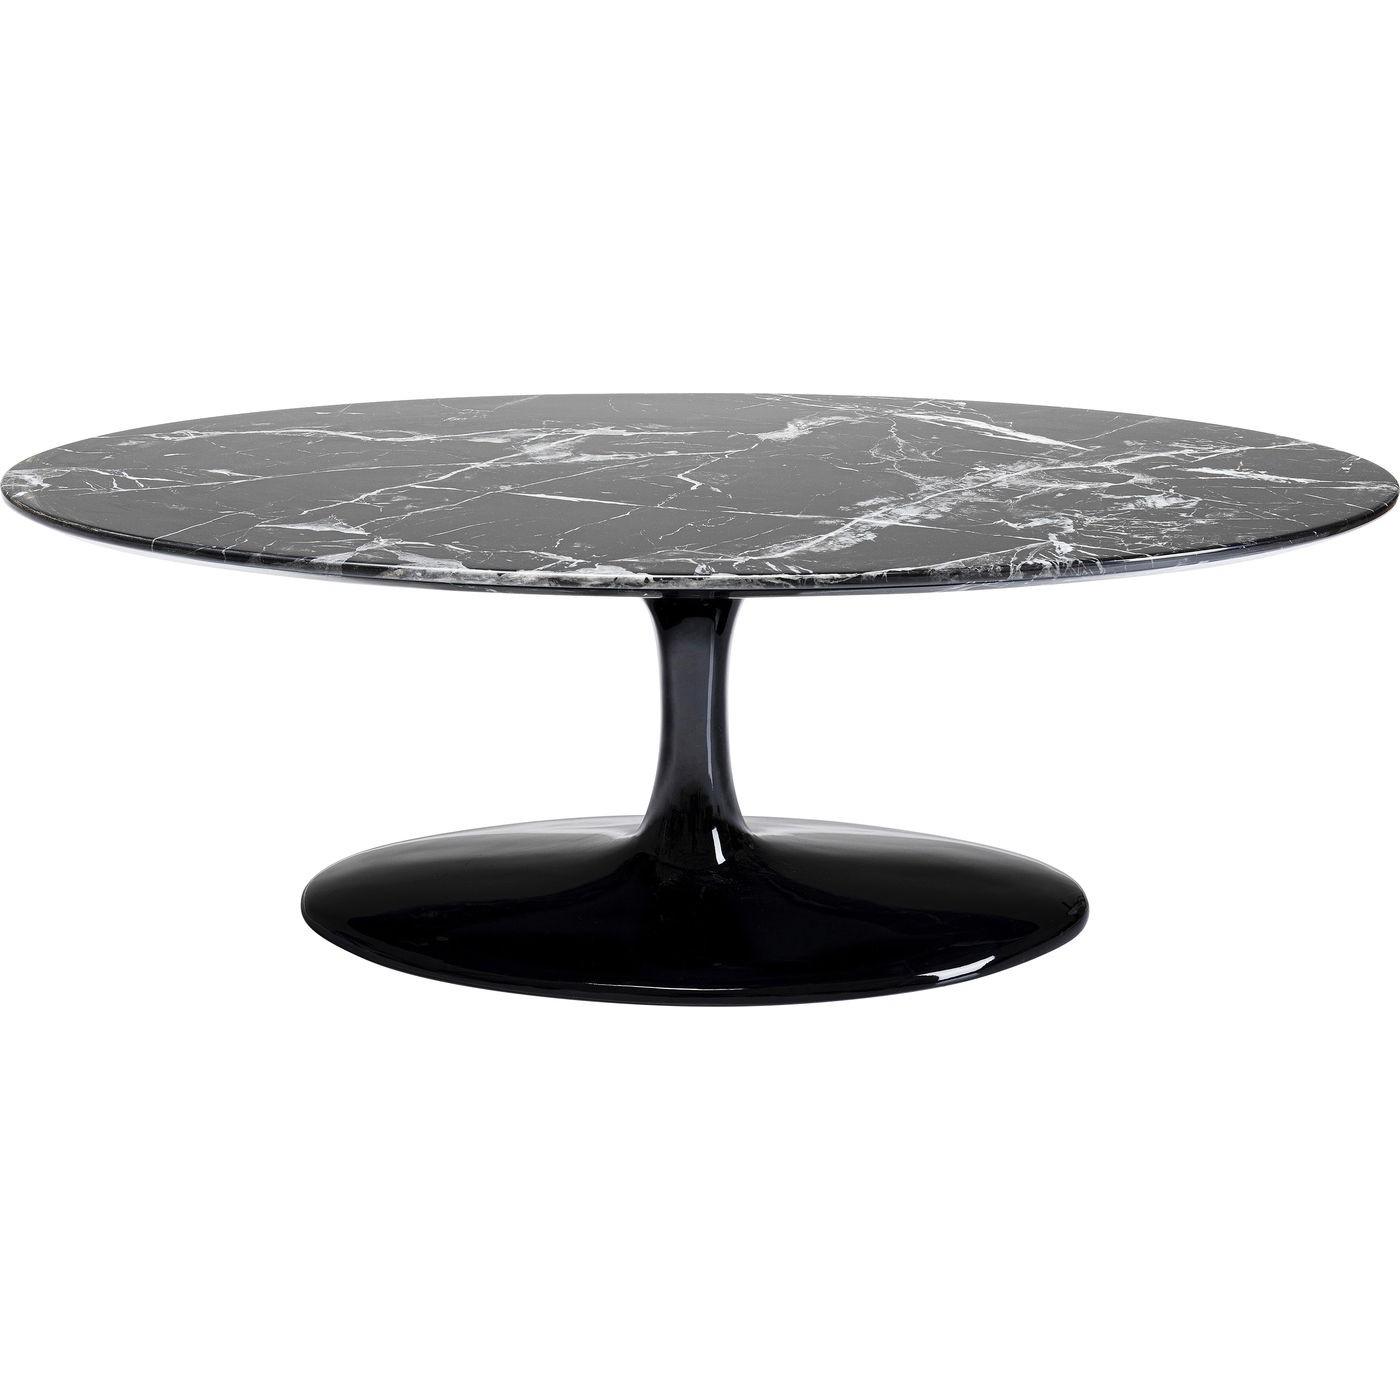 Table basse ovale effet marbre noir et fibre de verre